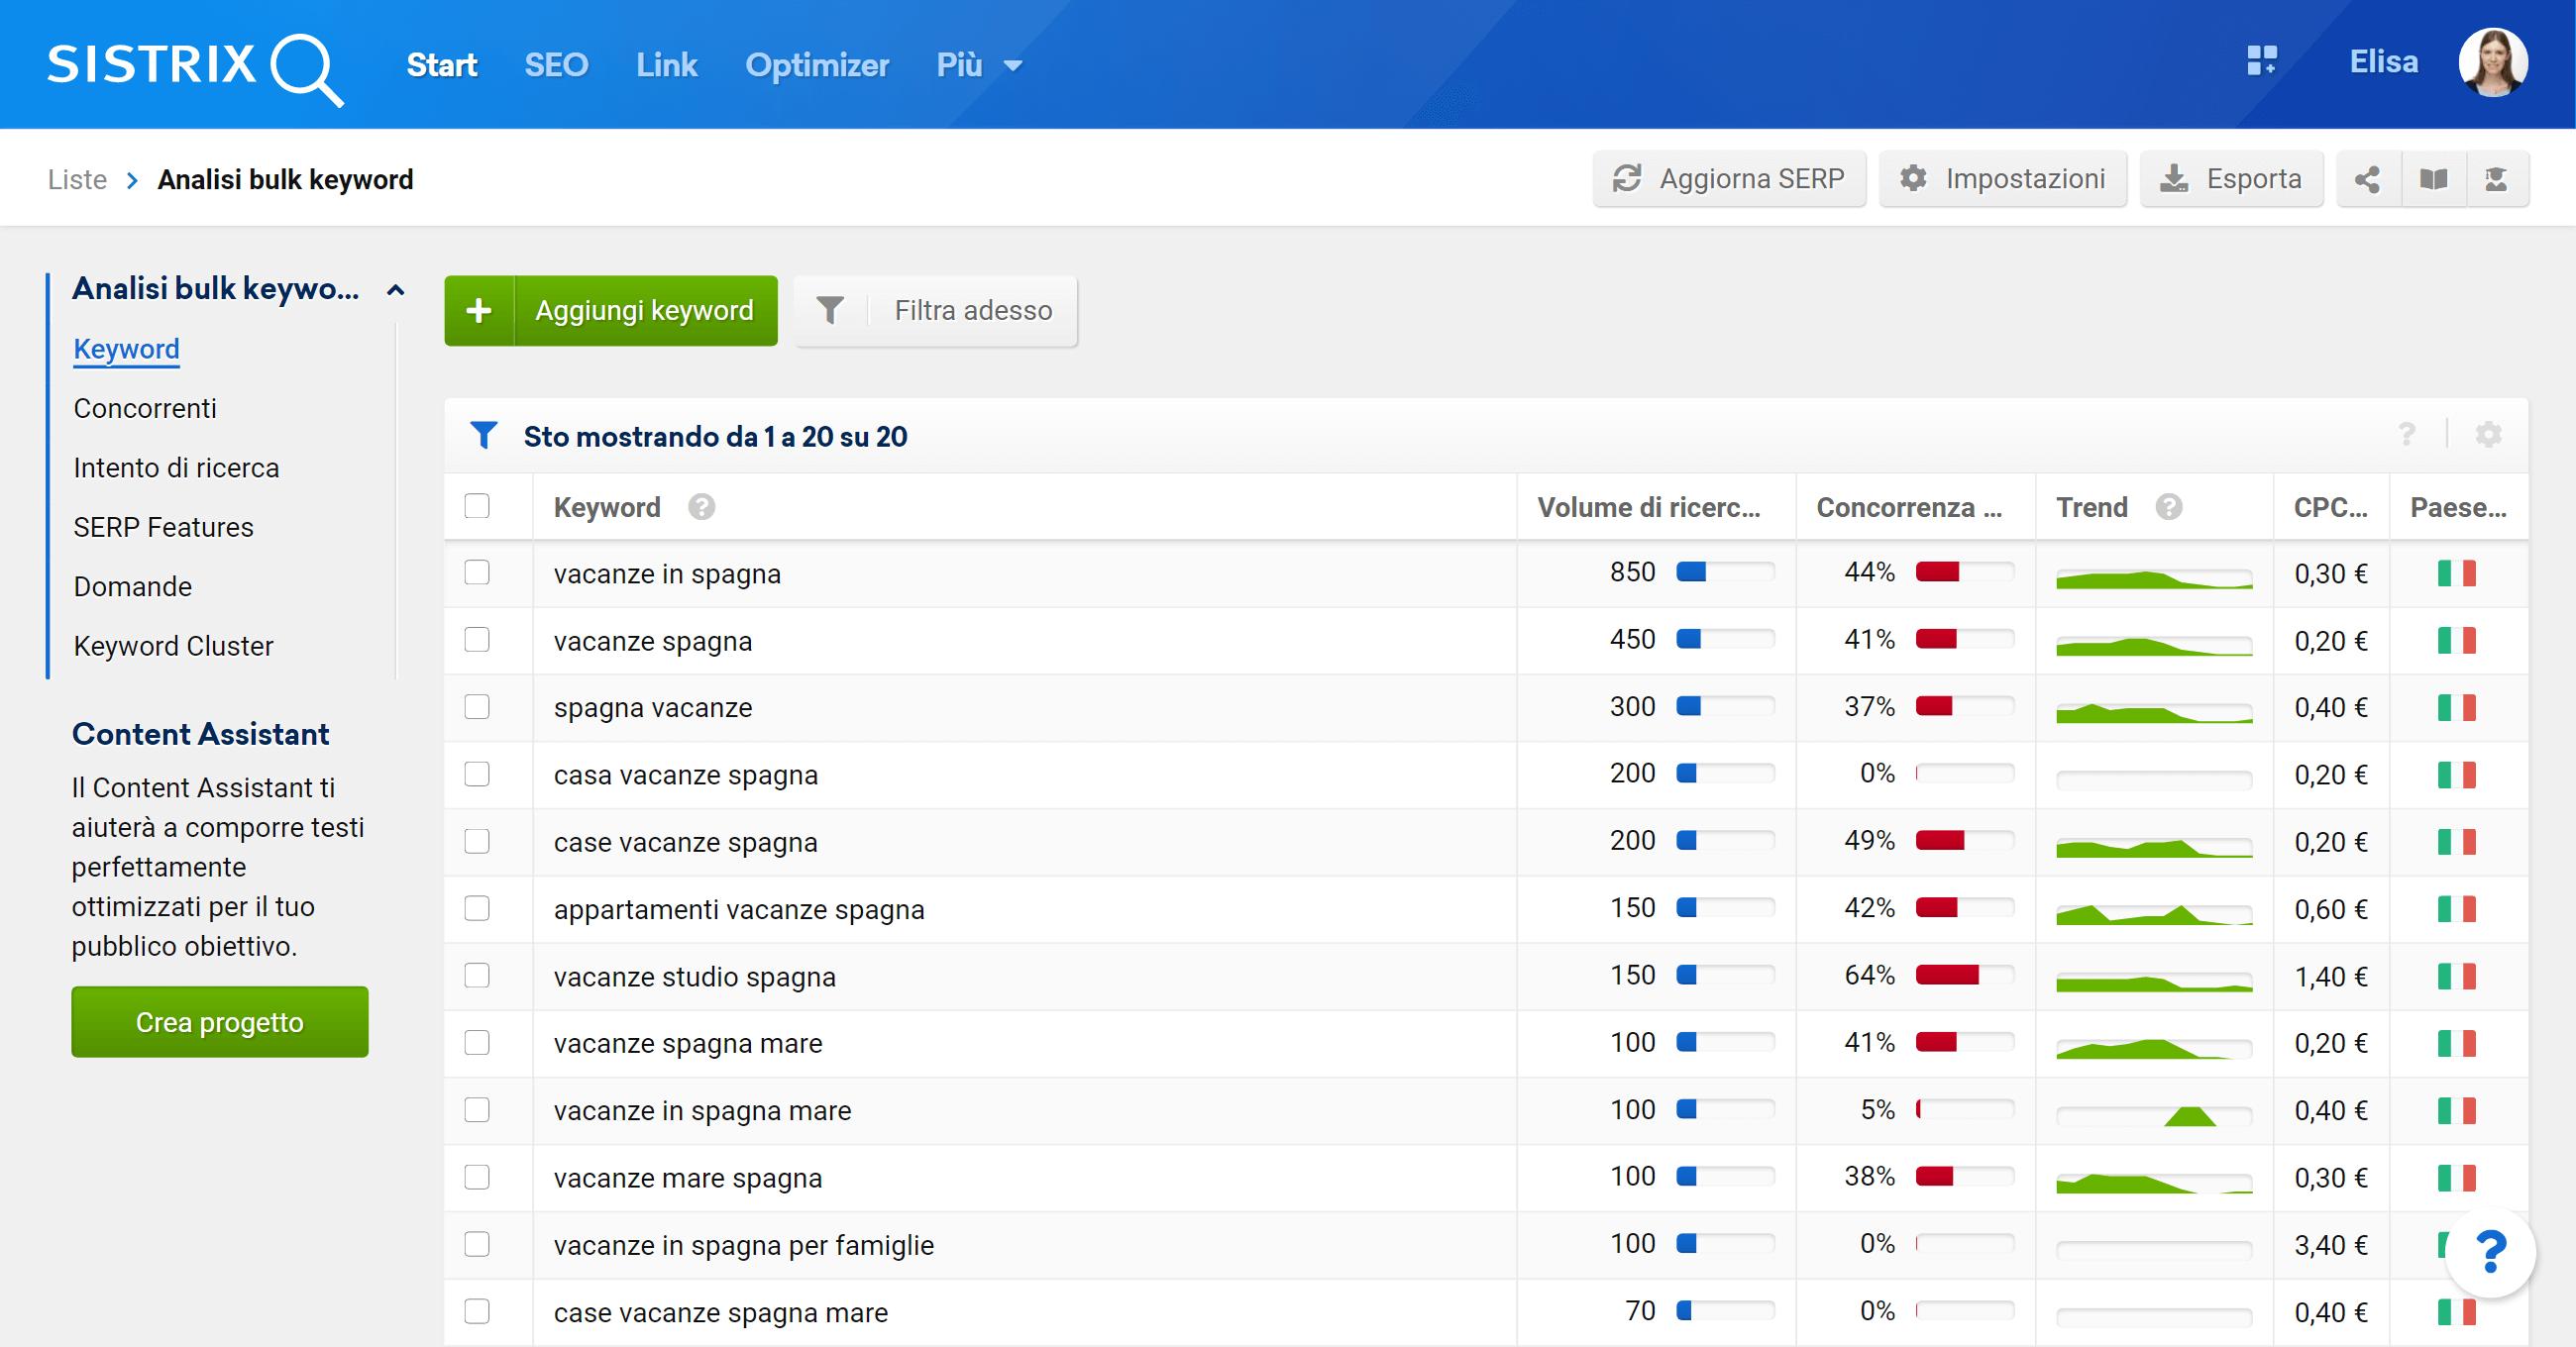 Esempio di lista di keyword su SISTRIX